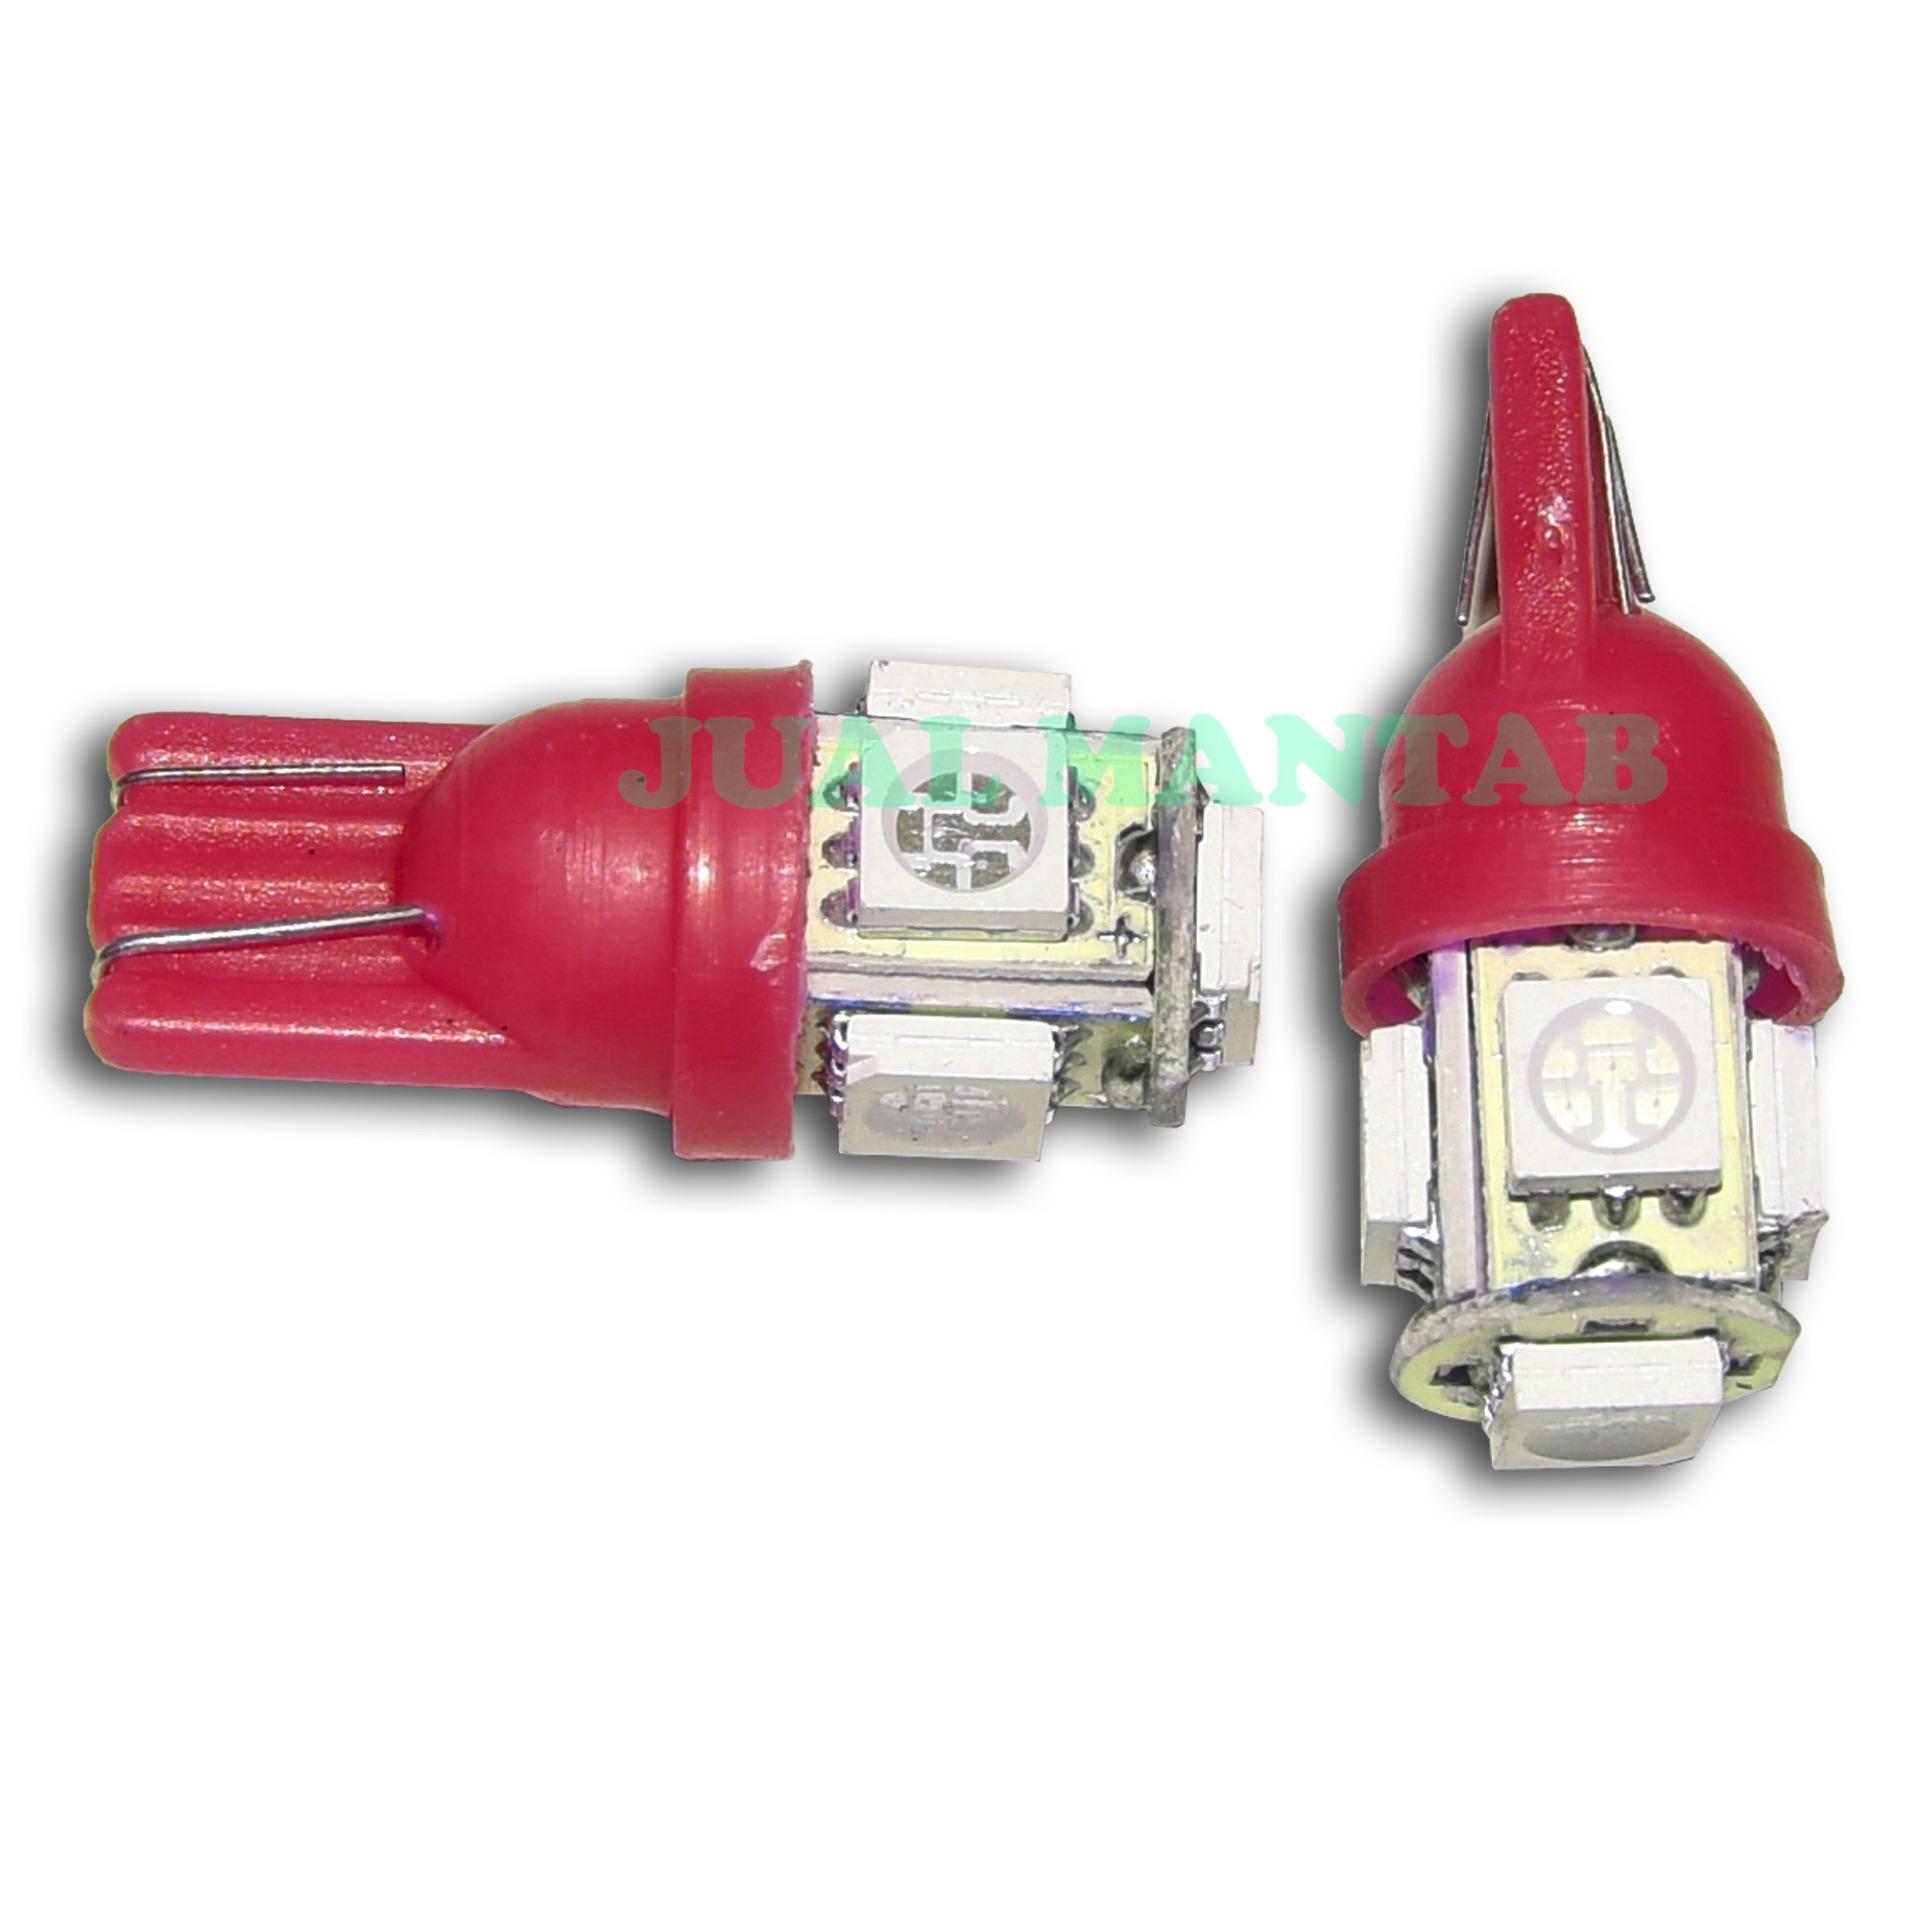 Jm Lampu Variasi Motor Sen Dan Senja 5 Mata Warna Putih Sein T10 7warna Diam 1pc Merah